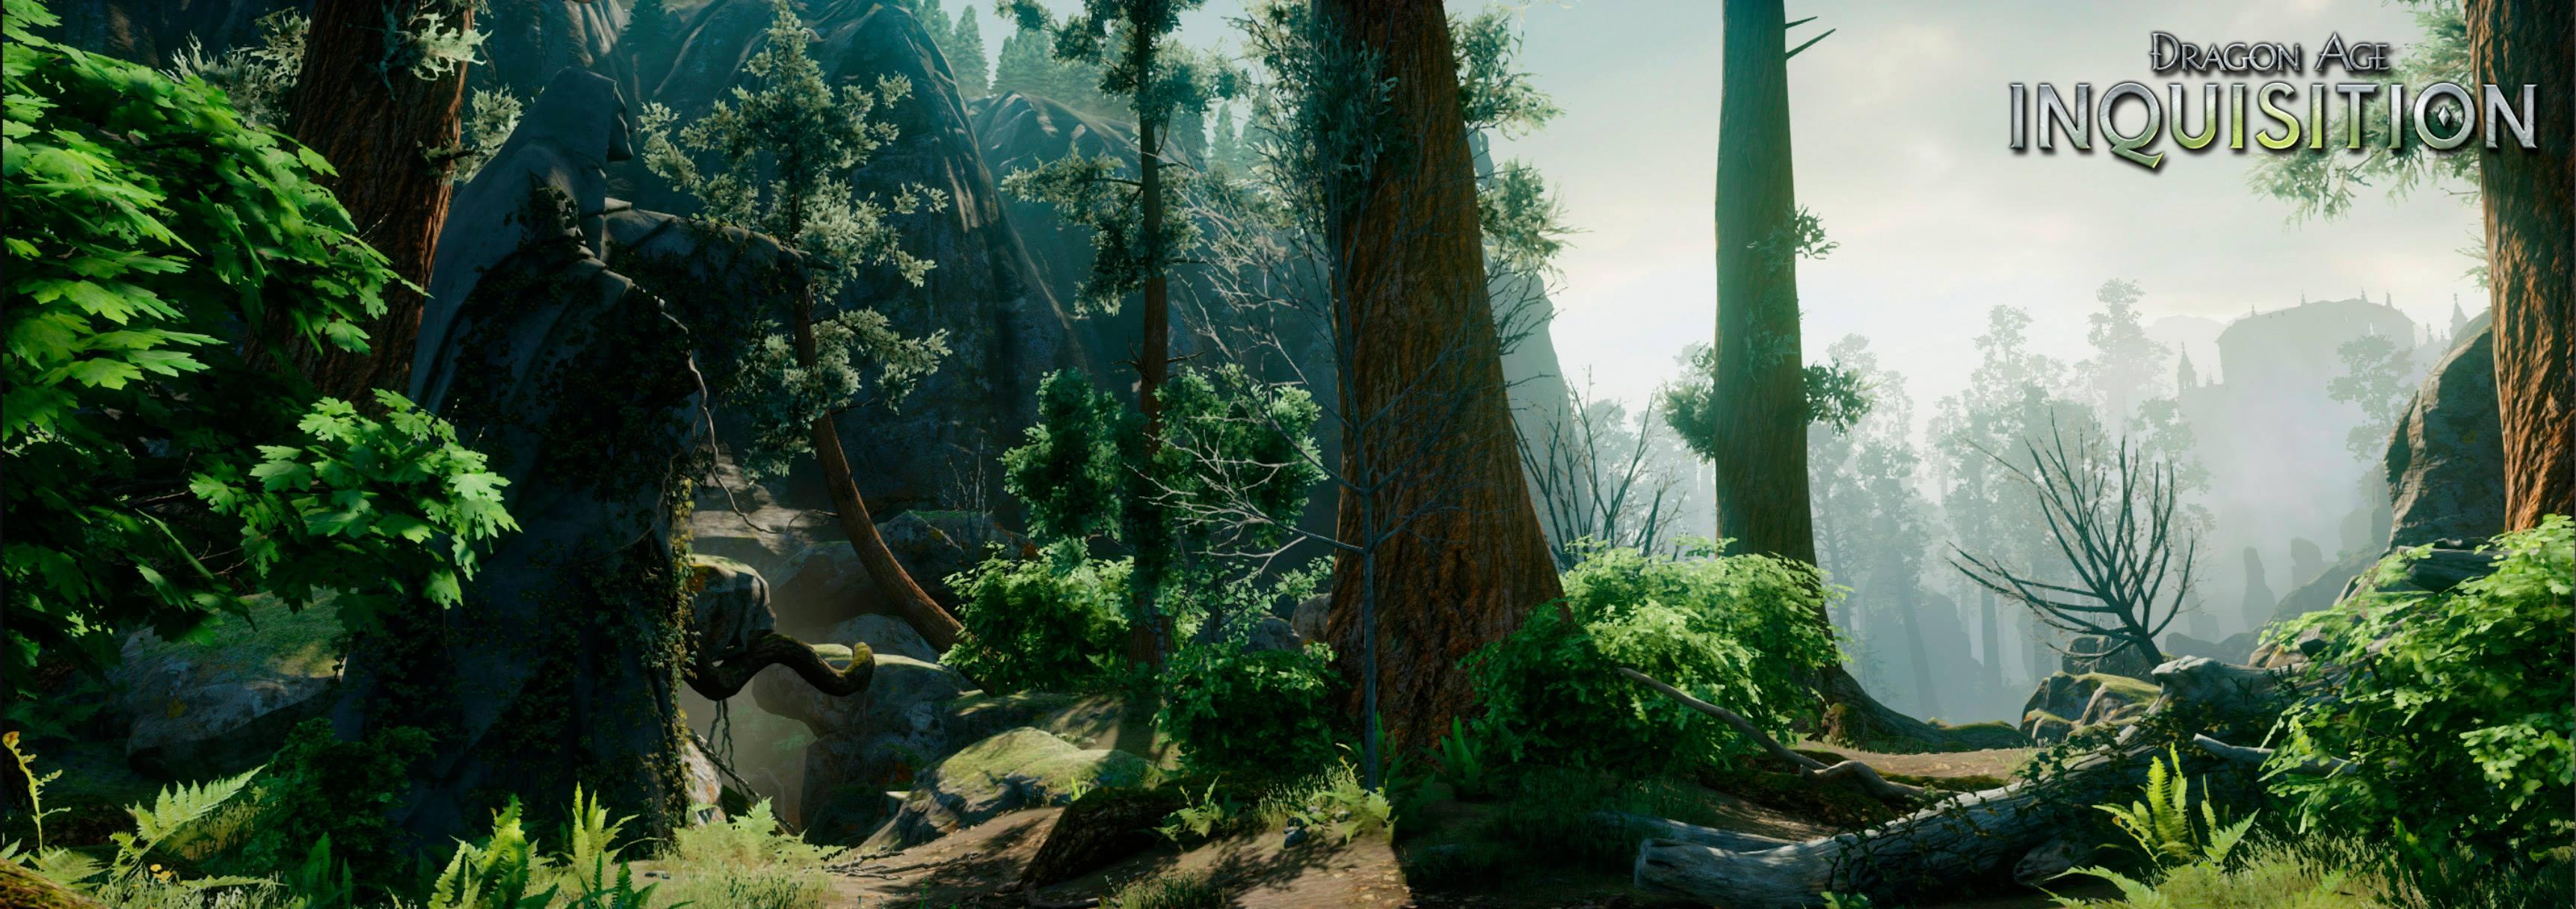 Dragon Age: Inquisition Screenshots Enter Emerald Graves, Empire du Lion #31370